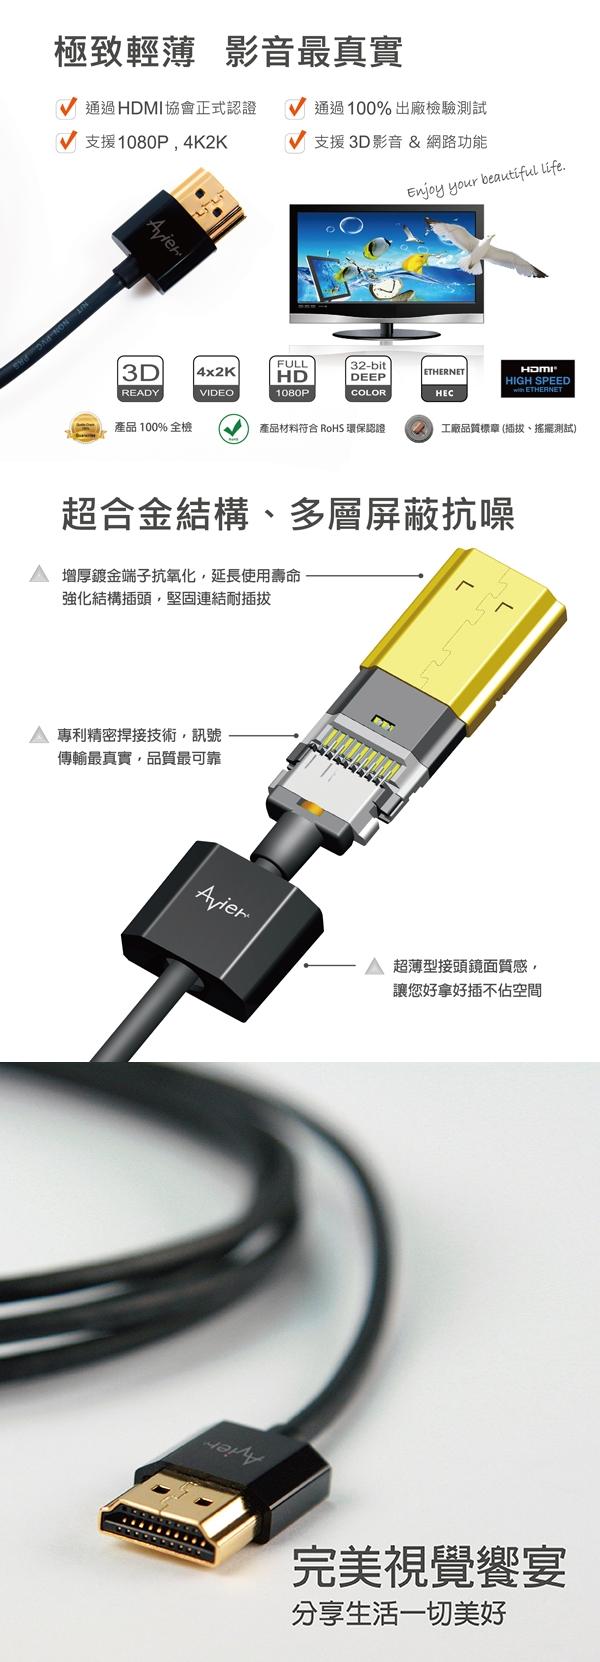 HDMI附圖